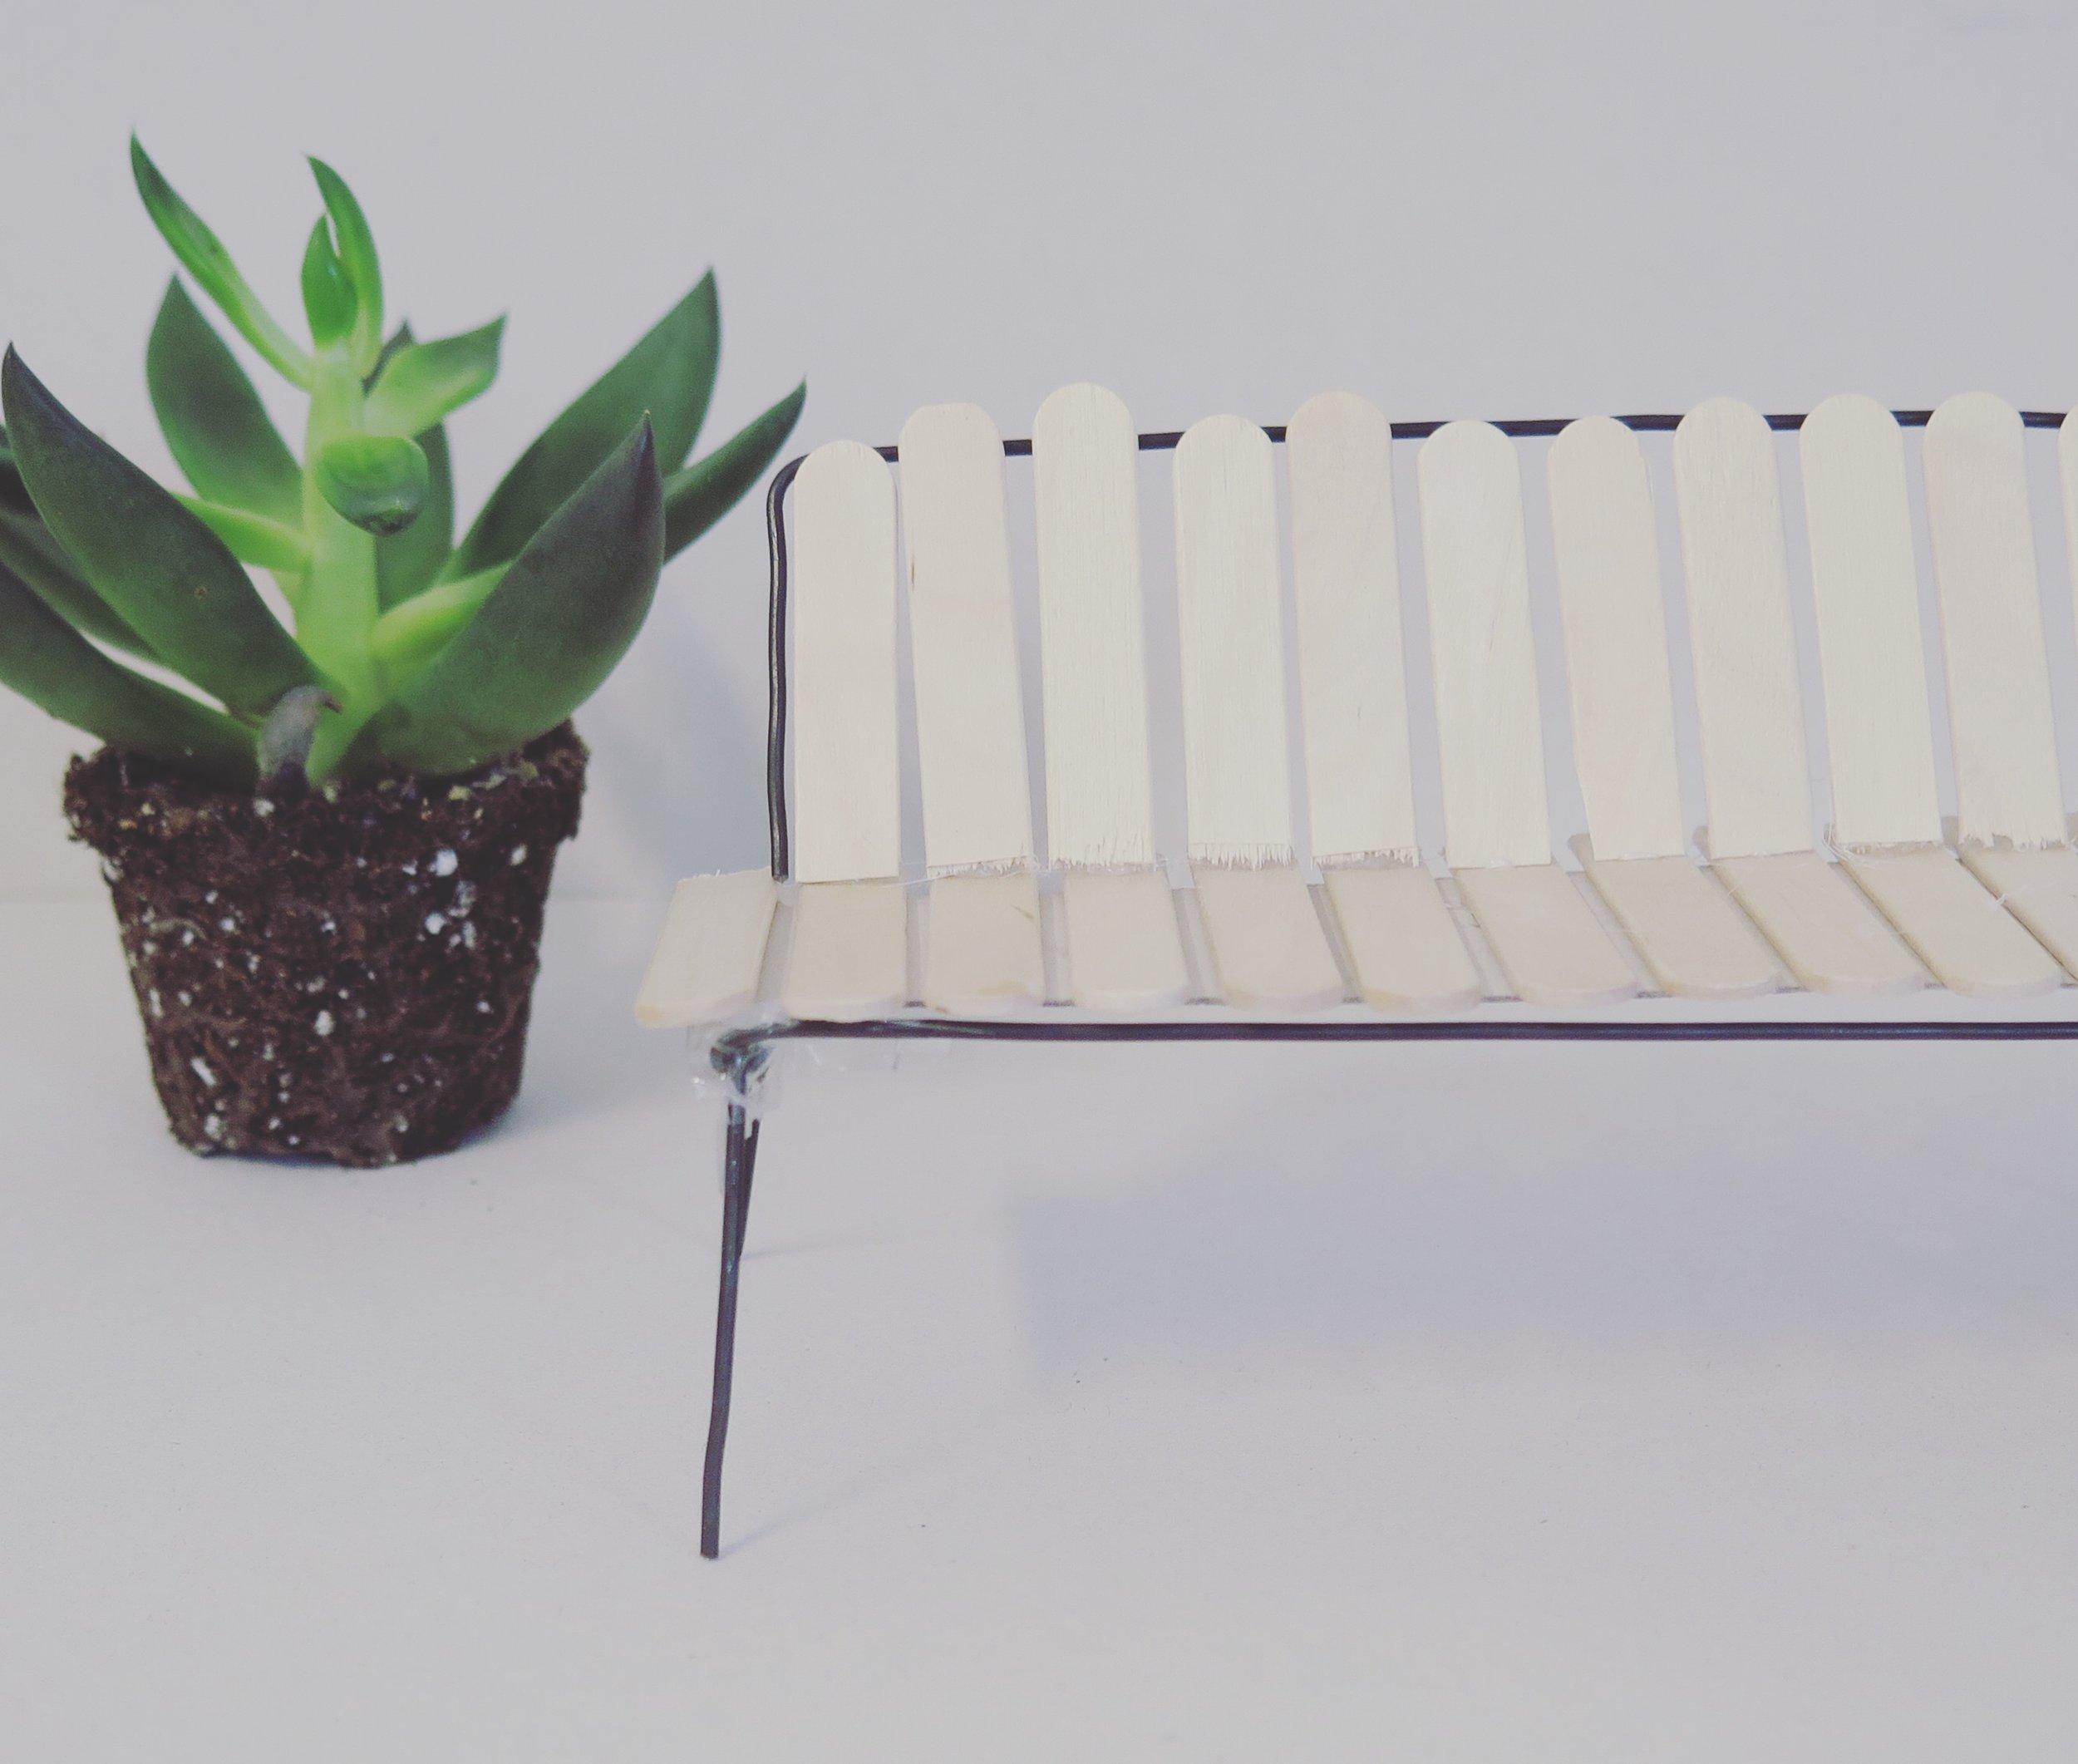 Smedsa Interiør Design i samarbeid med Wee Marine // Smedsa interior design vs. Wee marine, outdoor furniture design project